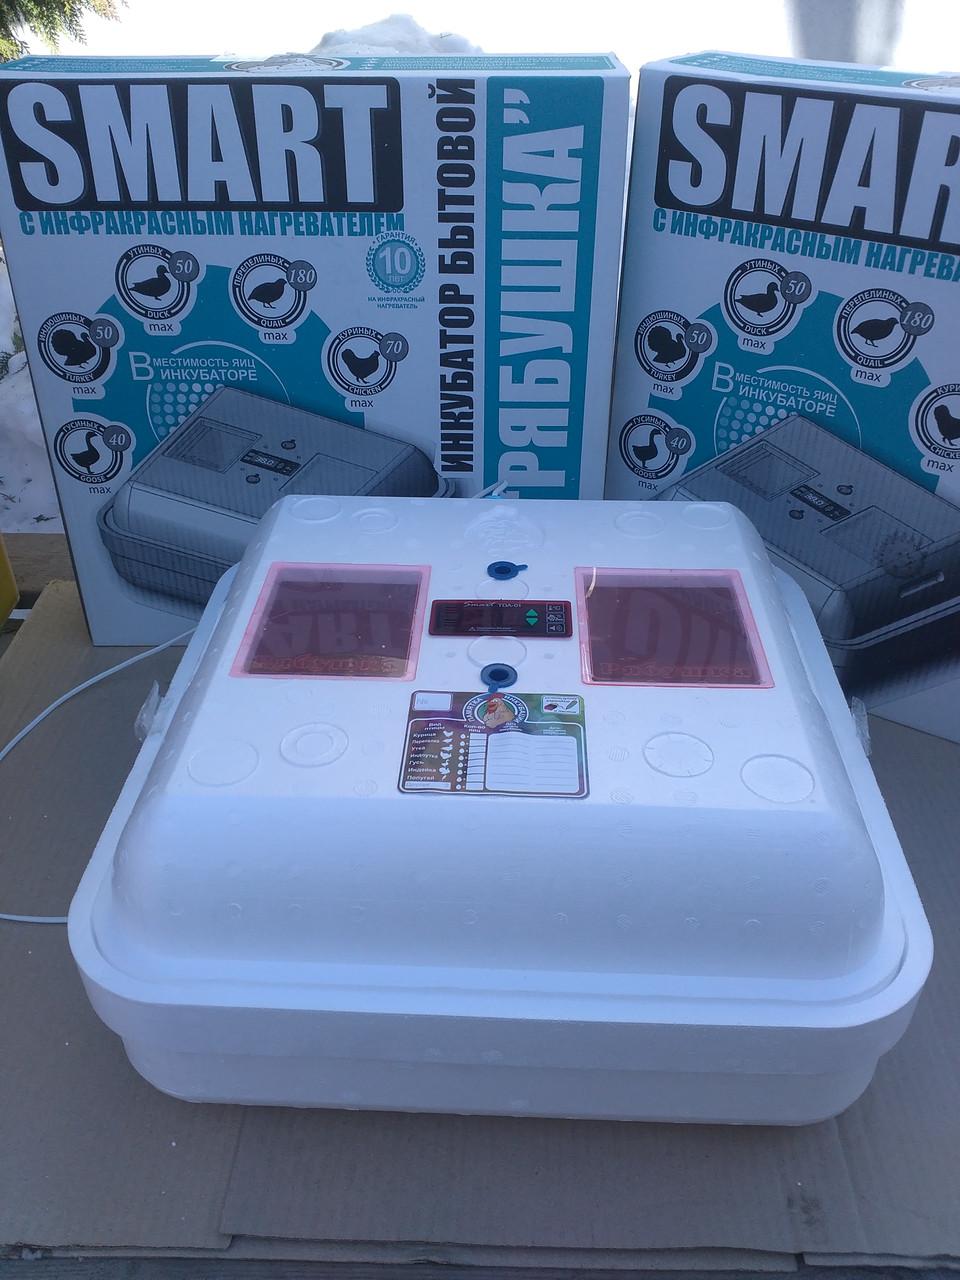 Автоматический инкубатор для яиц Рябушка Smart Plus - 70 цифровой , инфракрасный нагревательный элемент